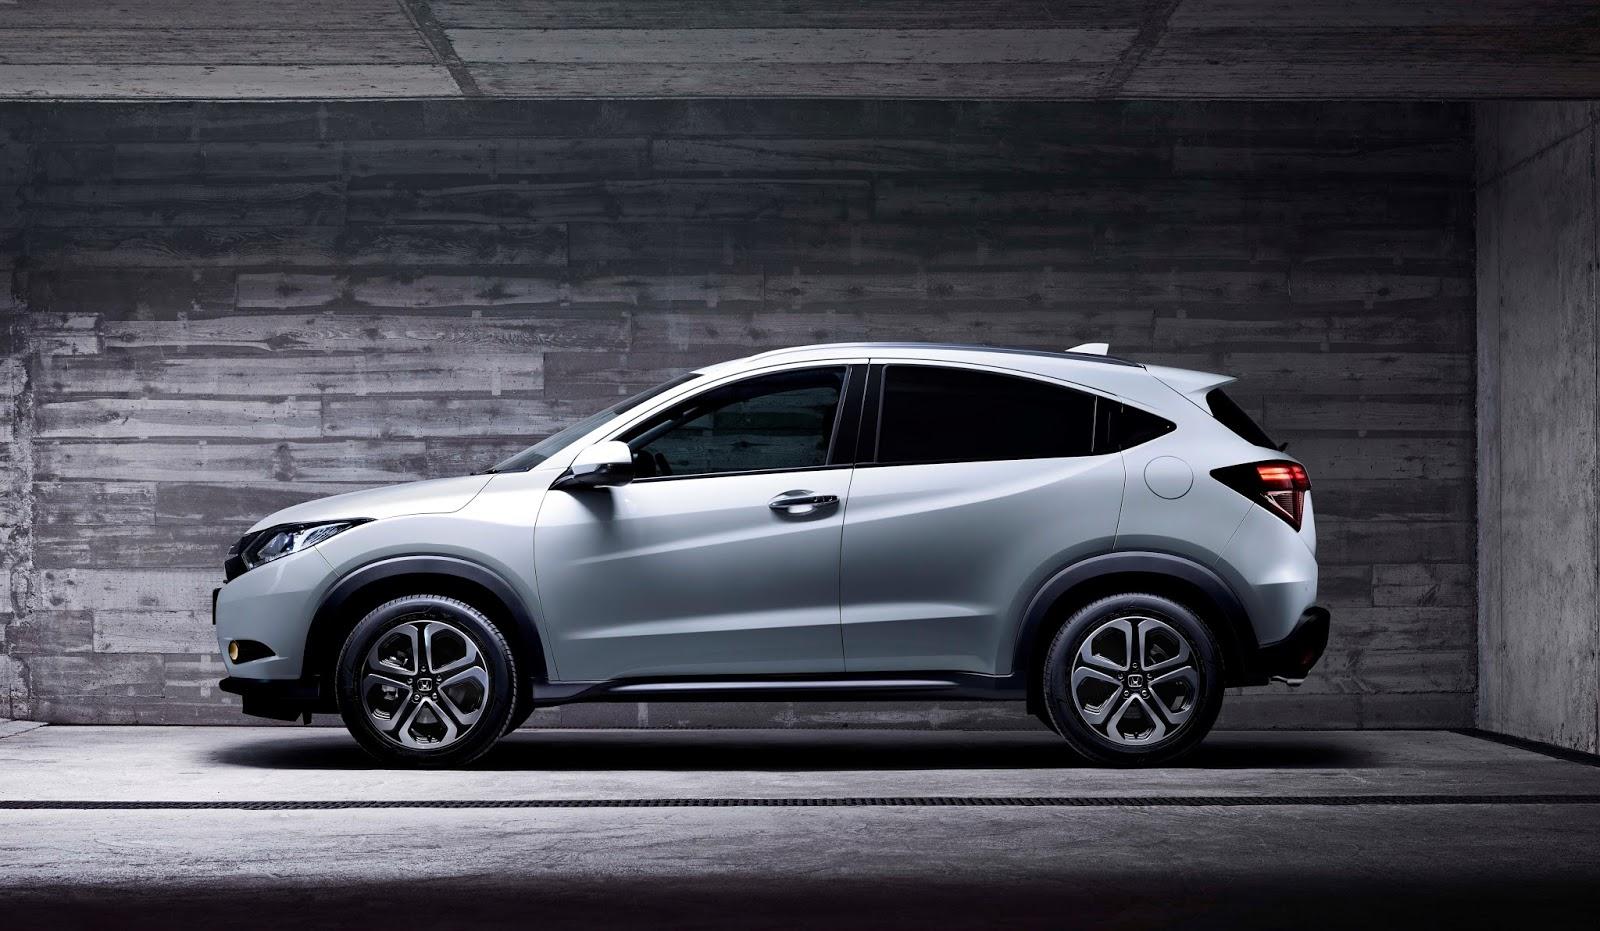 40680 2015 Honda HR V Όλες οι λεπτομέρειες για το νέο Honda HR-V Honda, Honda HR-V, HR-V, SUV